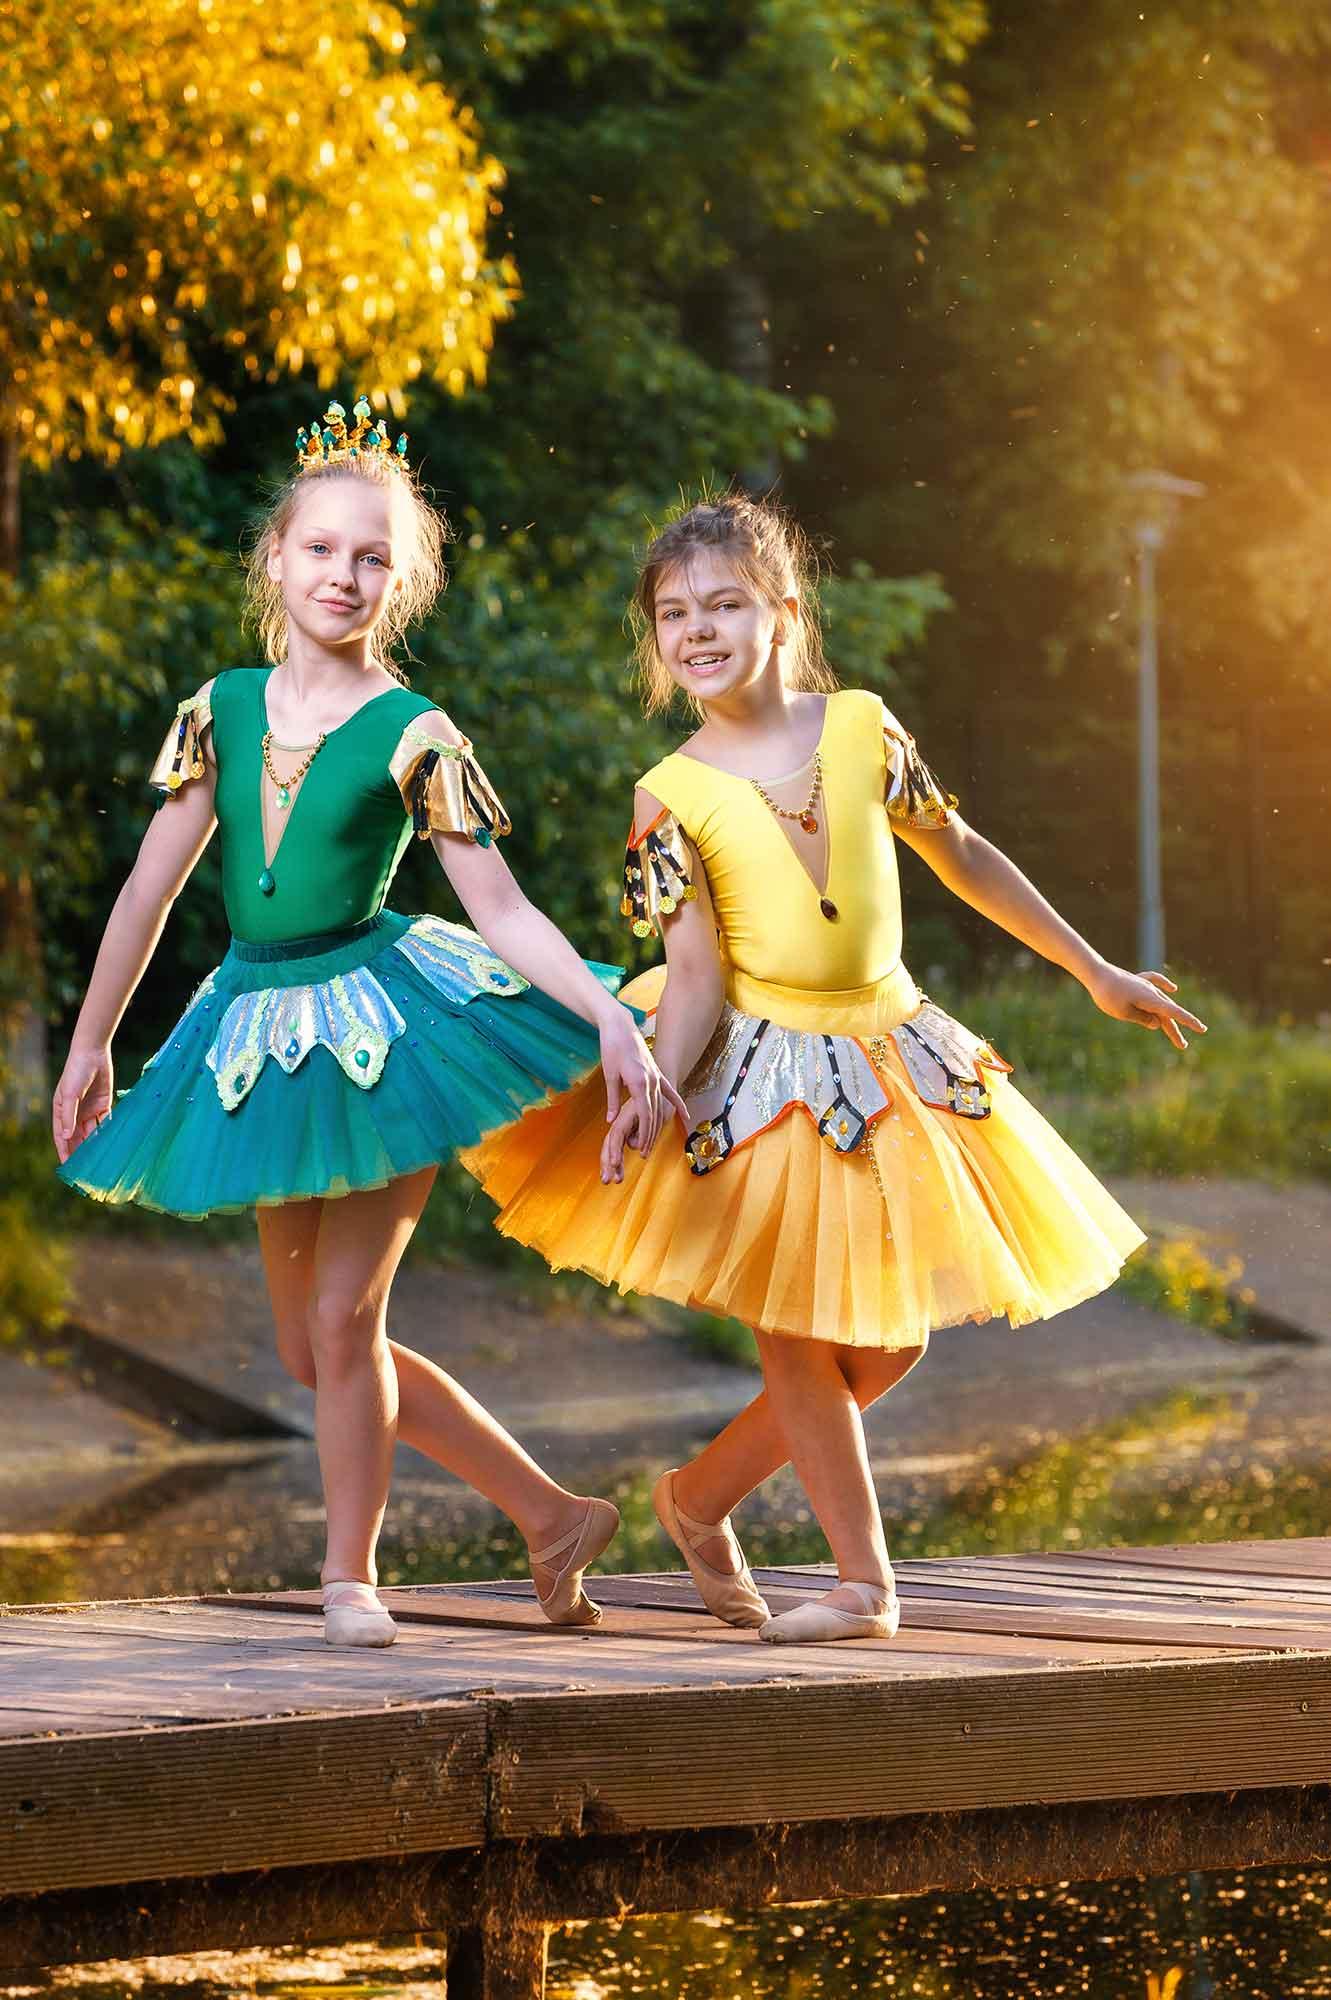 девочки в танцевальных костюмах на мостике